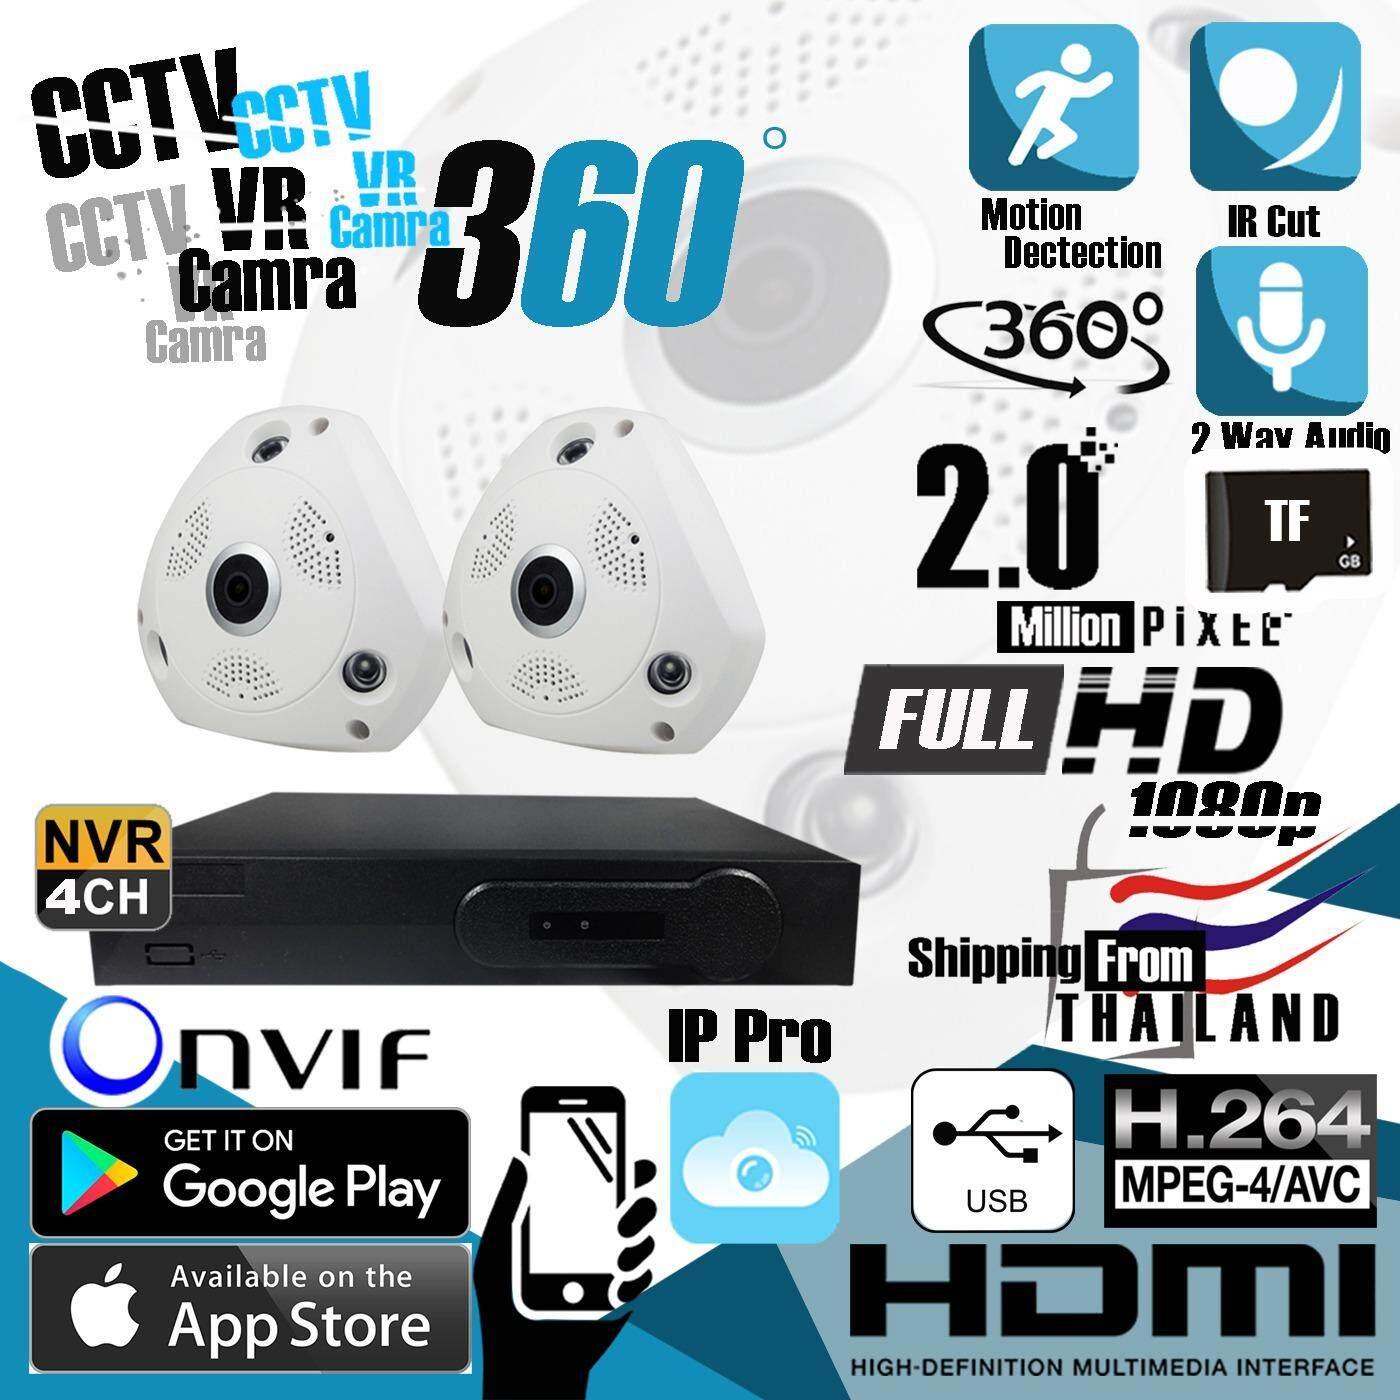 ลดราคาต่ำสุดฉลองยอดขาย ชุดกล้องวงจรปิด VR CAM 360? 2.0 MP Full HD 1080p กล้อง IP เลนส์ 360? 2 ตัว พร้อม เครื่องบันทึกภาพ 4 CH DIUS ( DTI-VR04C08MP-04CH ) NVR Full HD 1080p ลดราคาฉลองยอดขายอันดับ 1